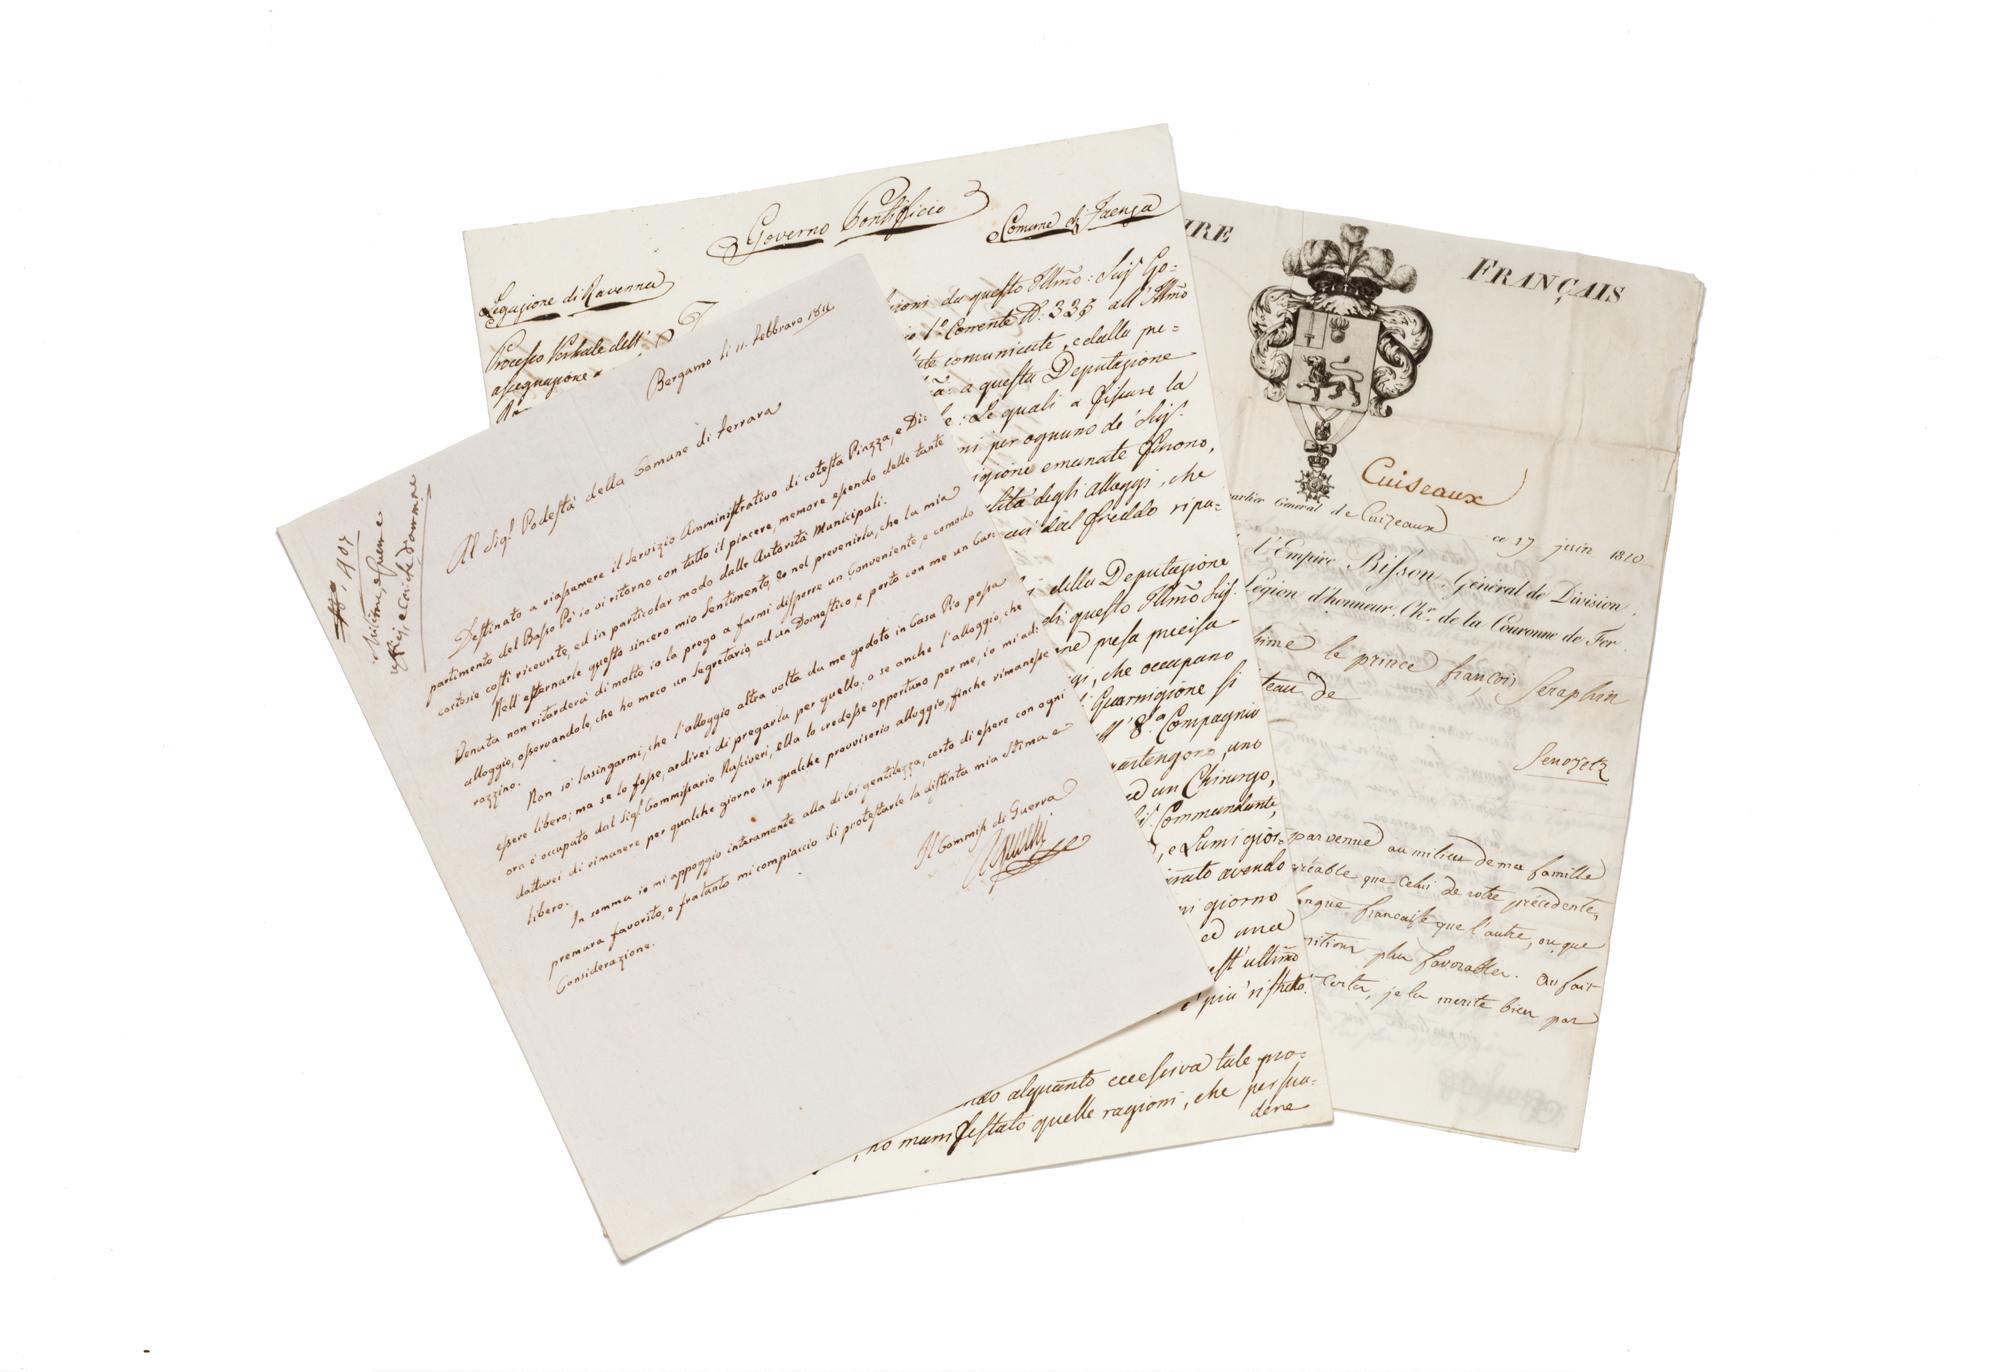 Serie di documenti storici di epoca risorgimentale